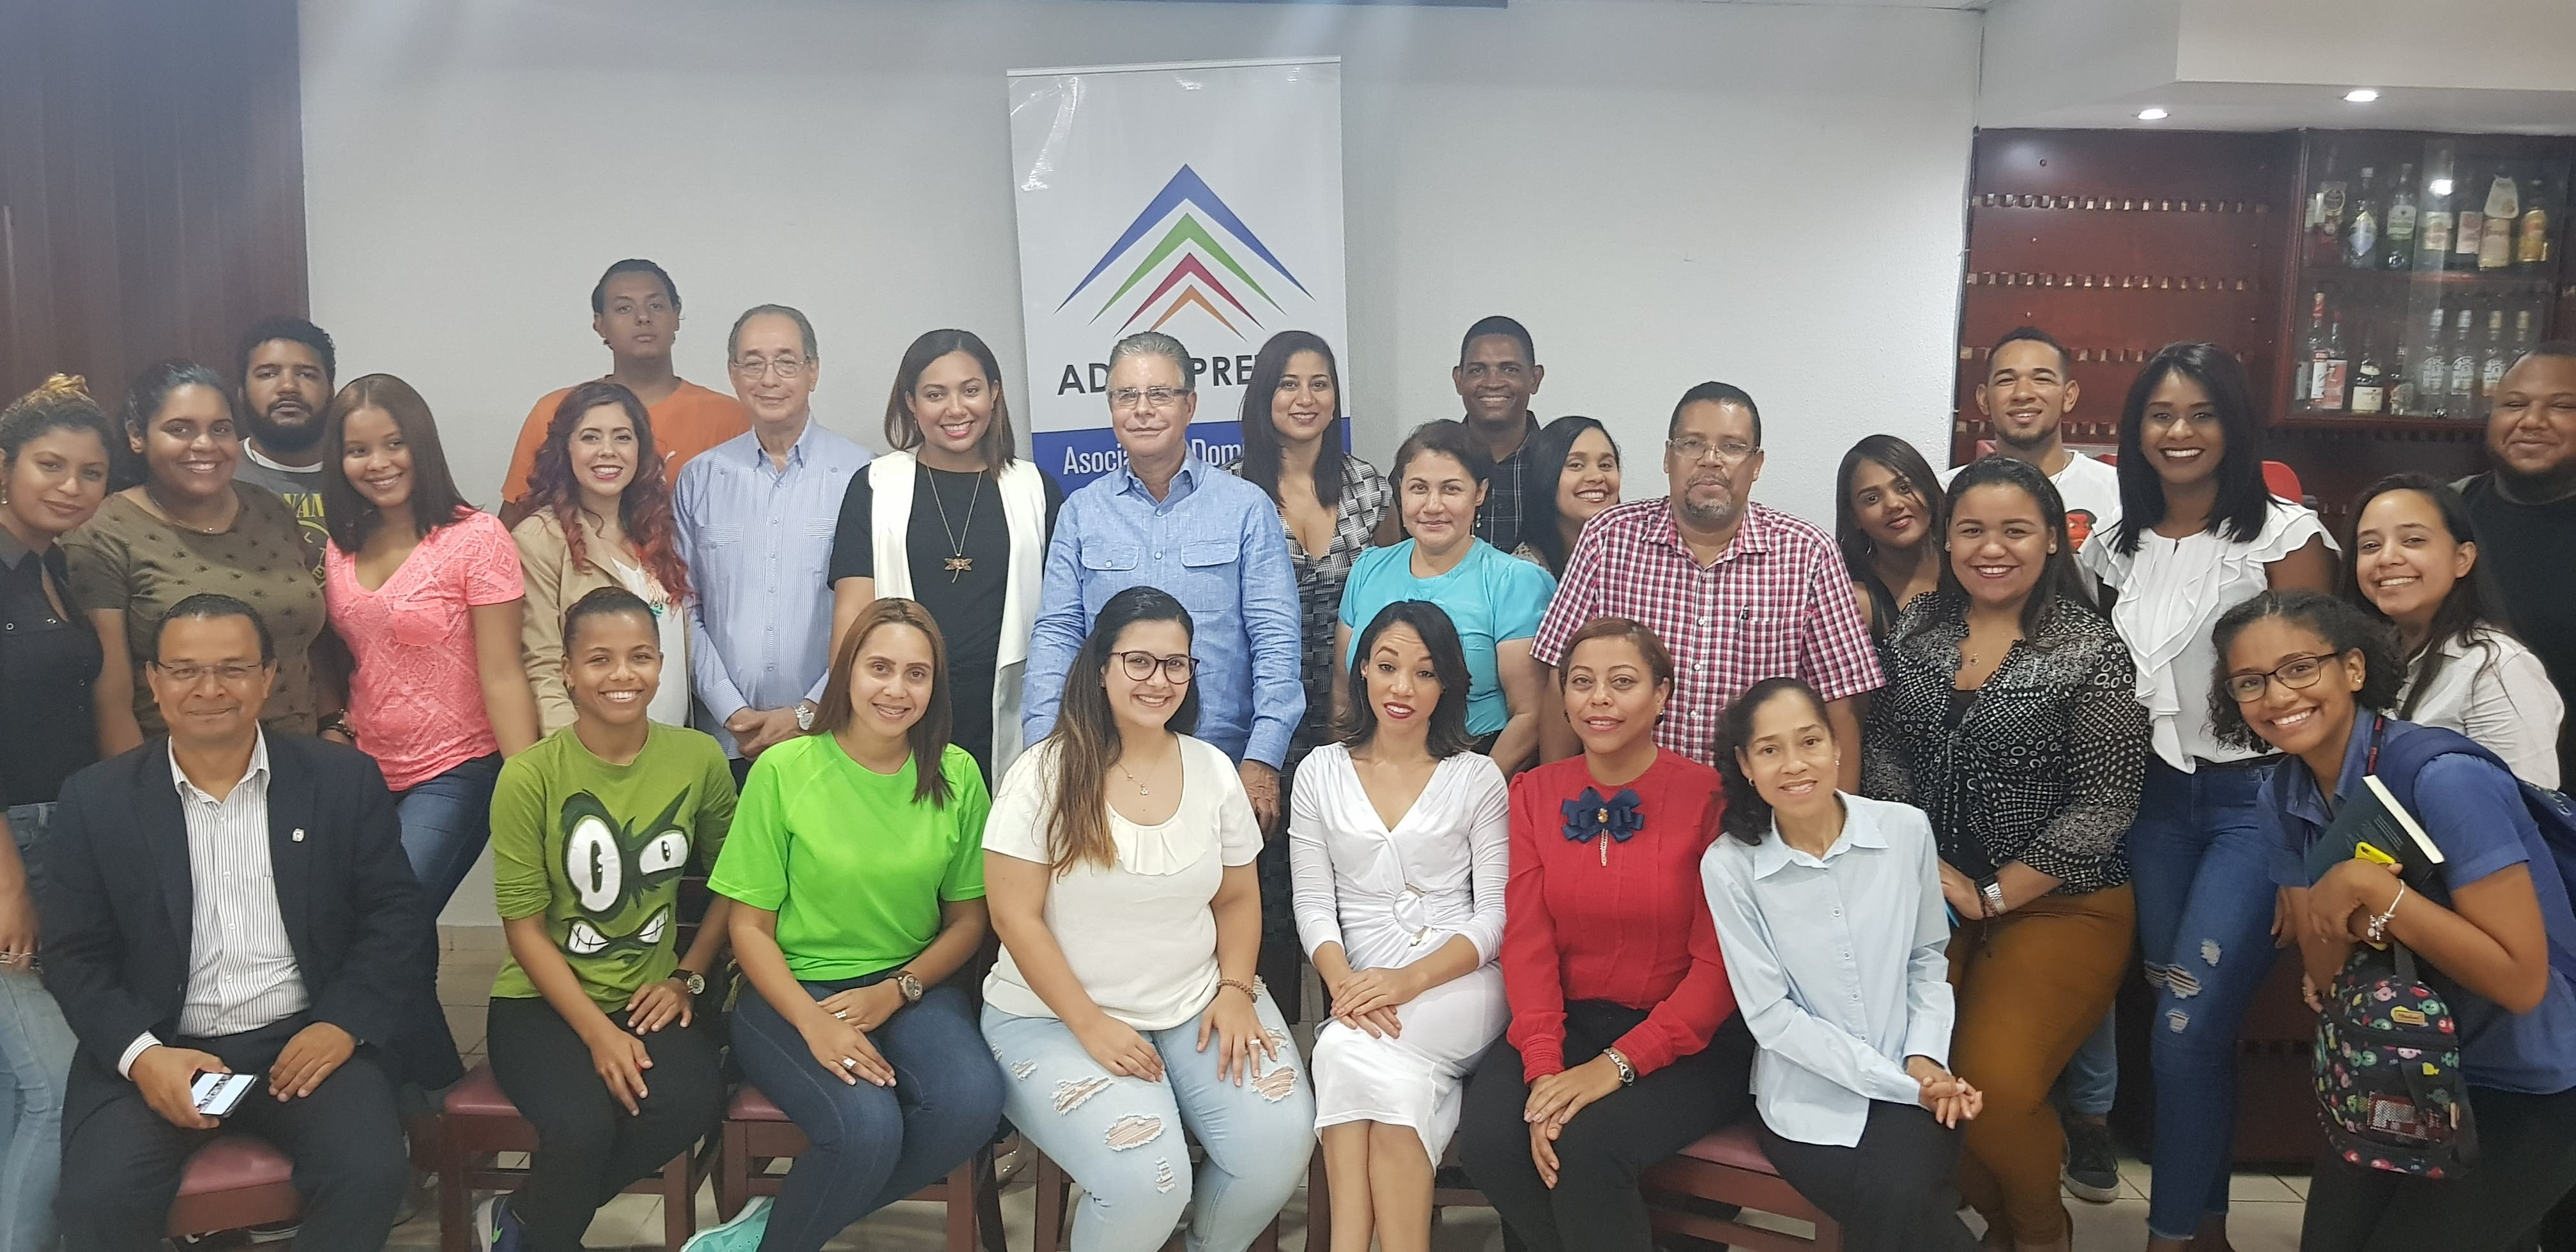 Participantes en la primera jornada de capacitación sobre redes sociales.